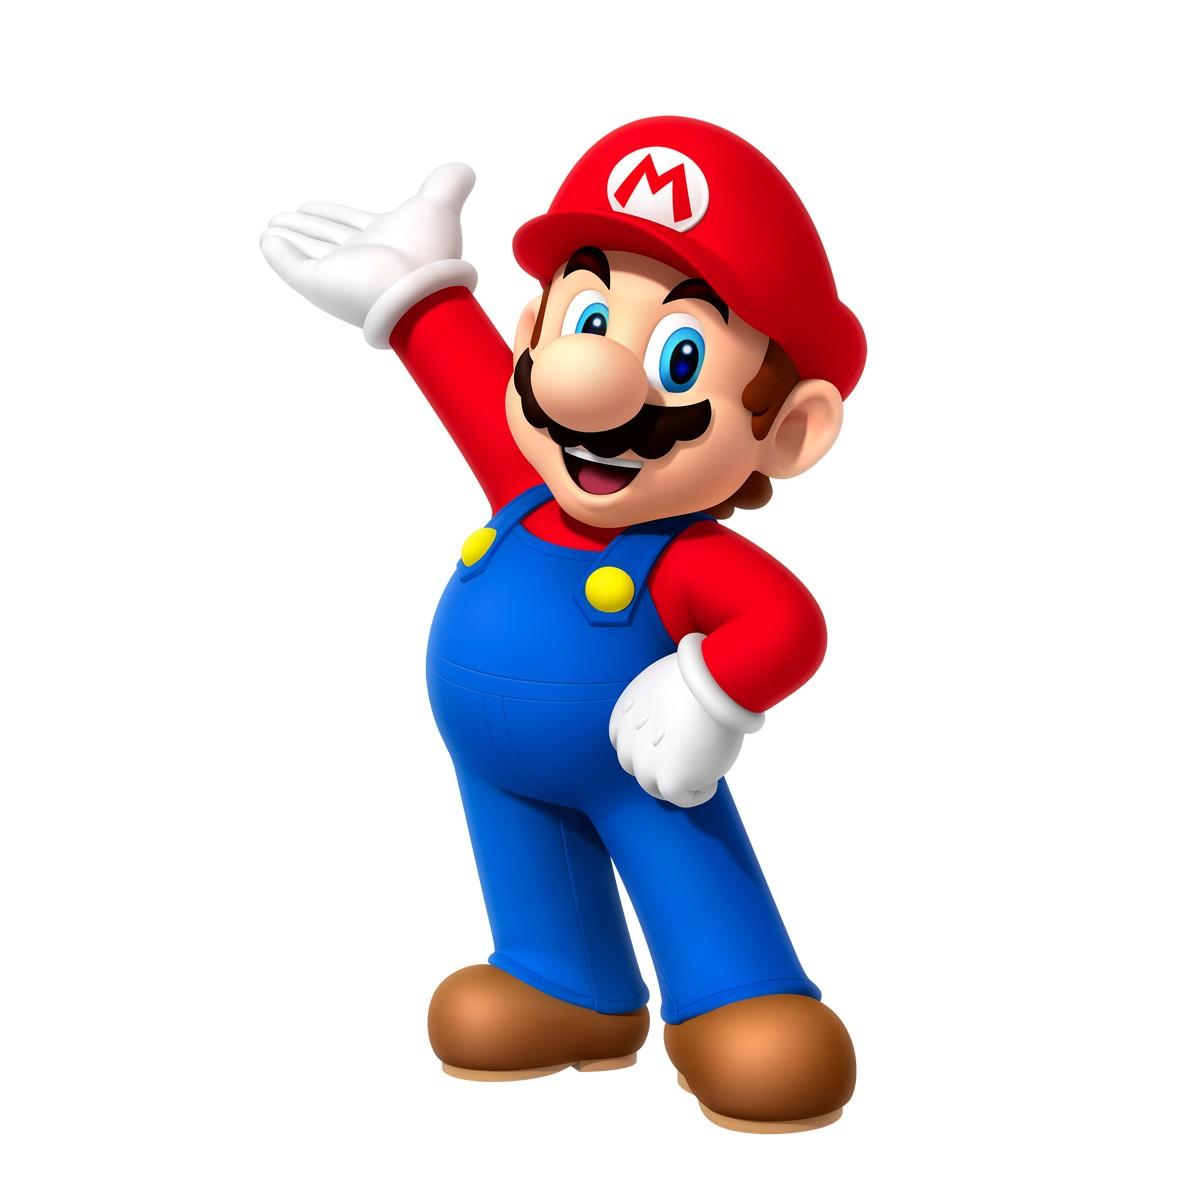 Quel personnage de jeu vidéo te correspond ?